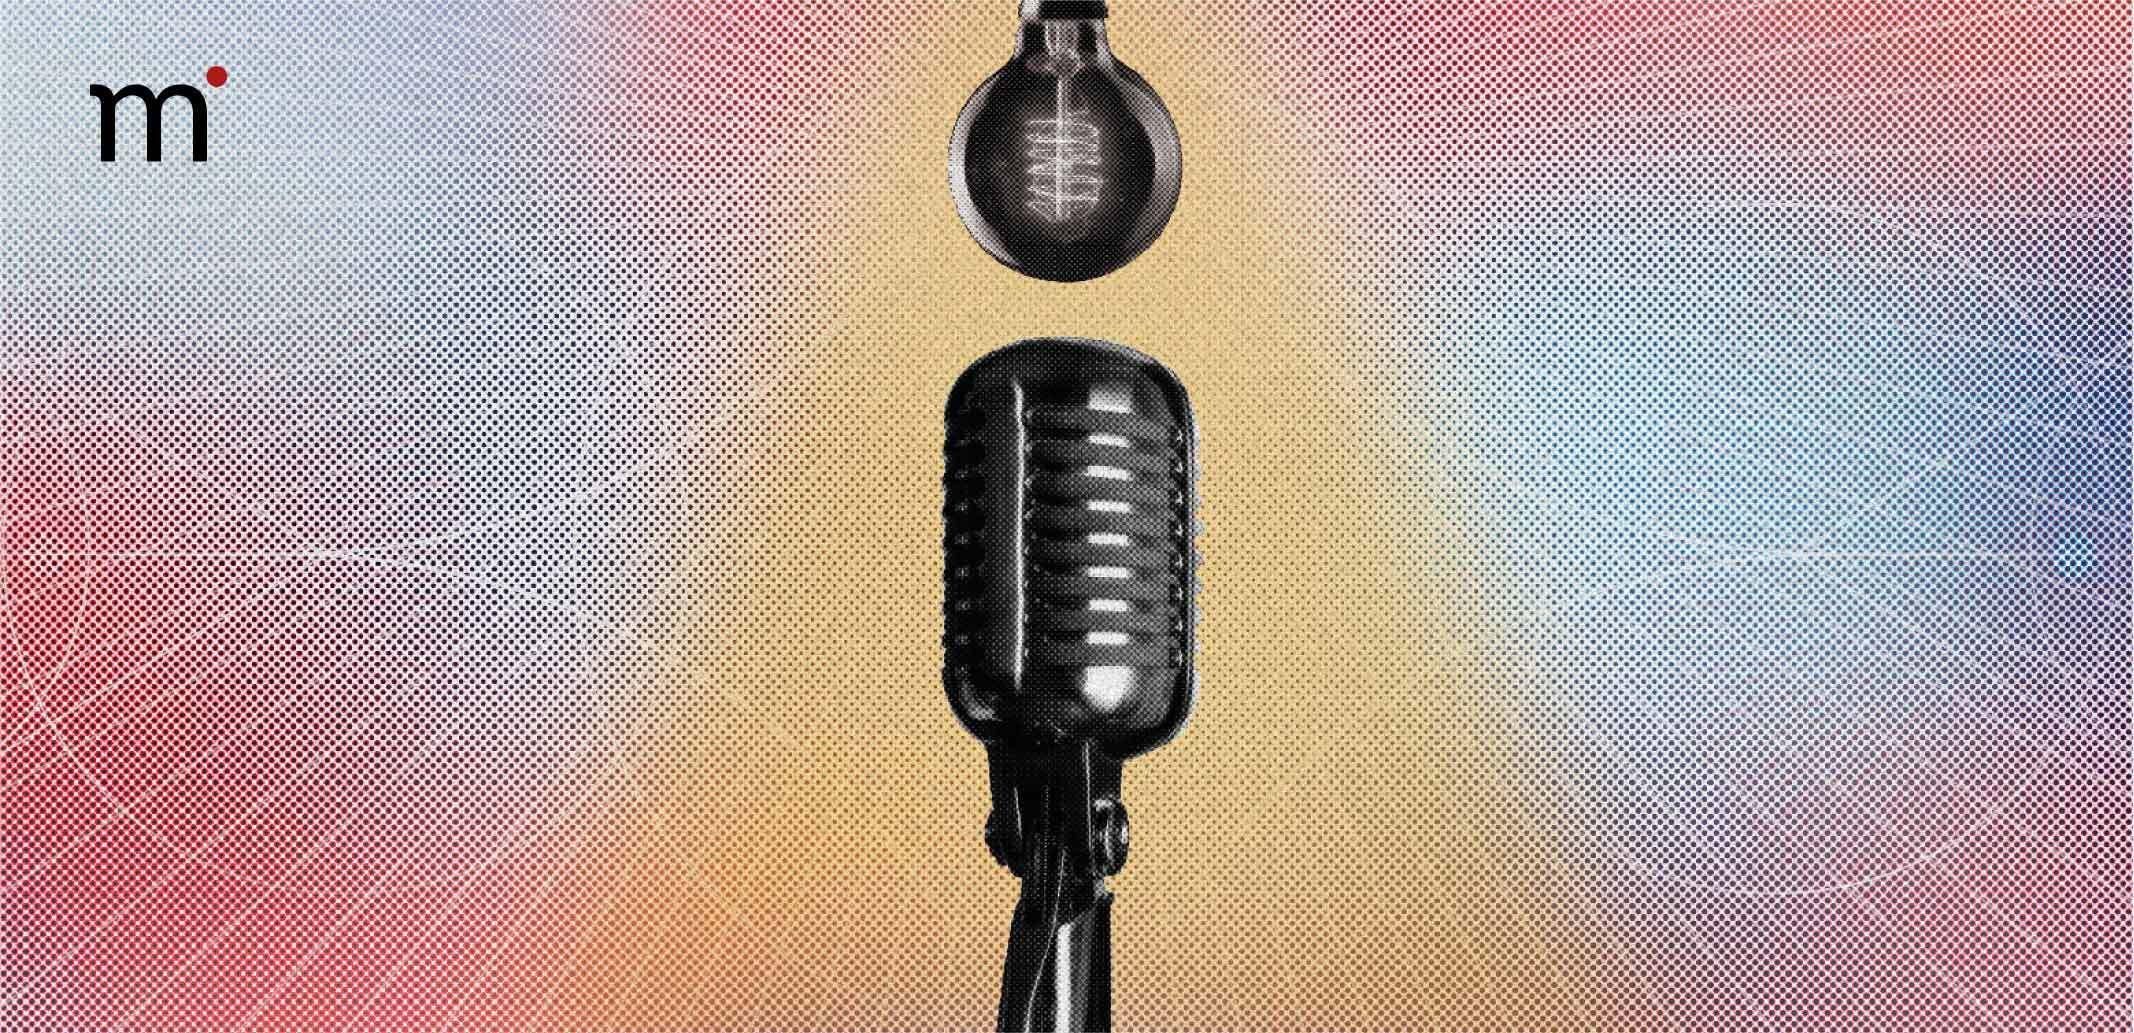 Defining brand voice